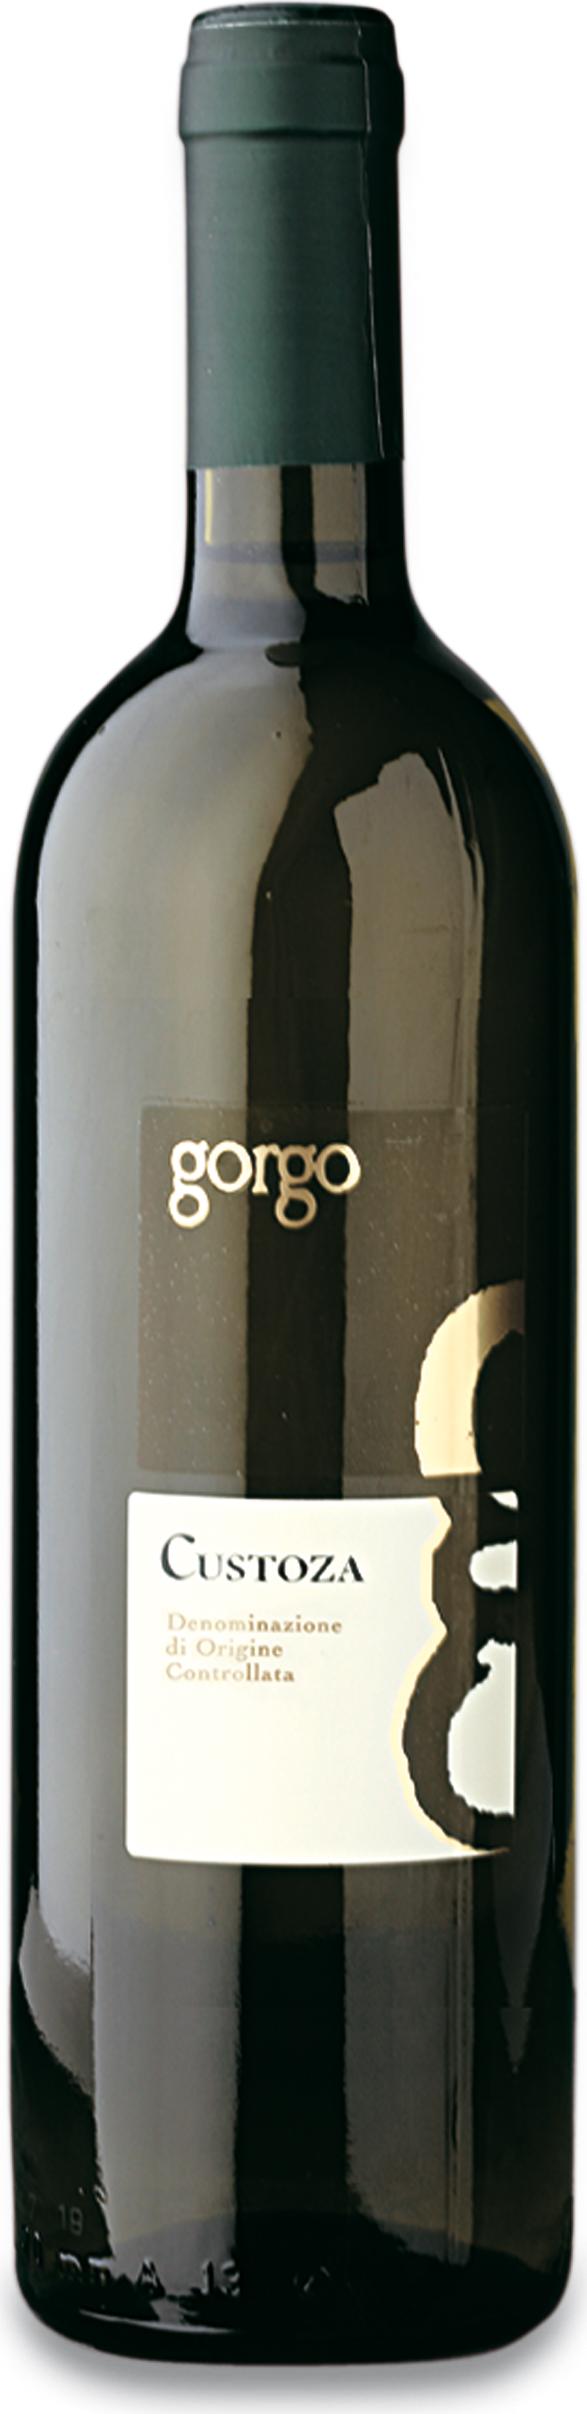 Custoza Doc - Azienda Agricola Gorgo - Vino Veneto